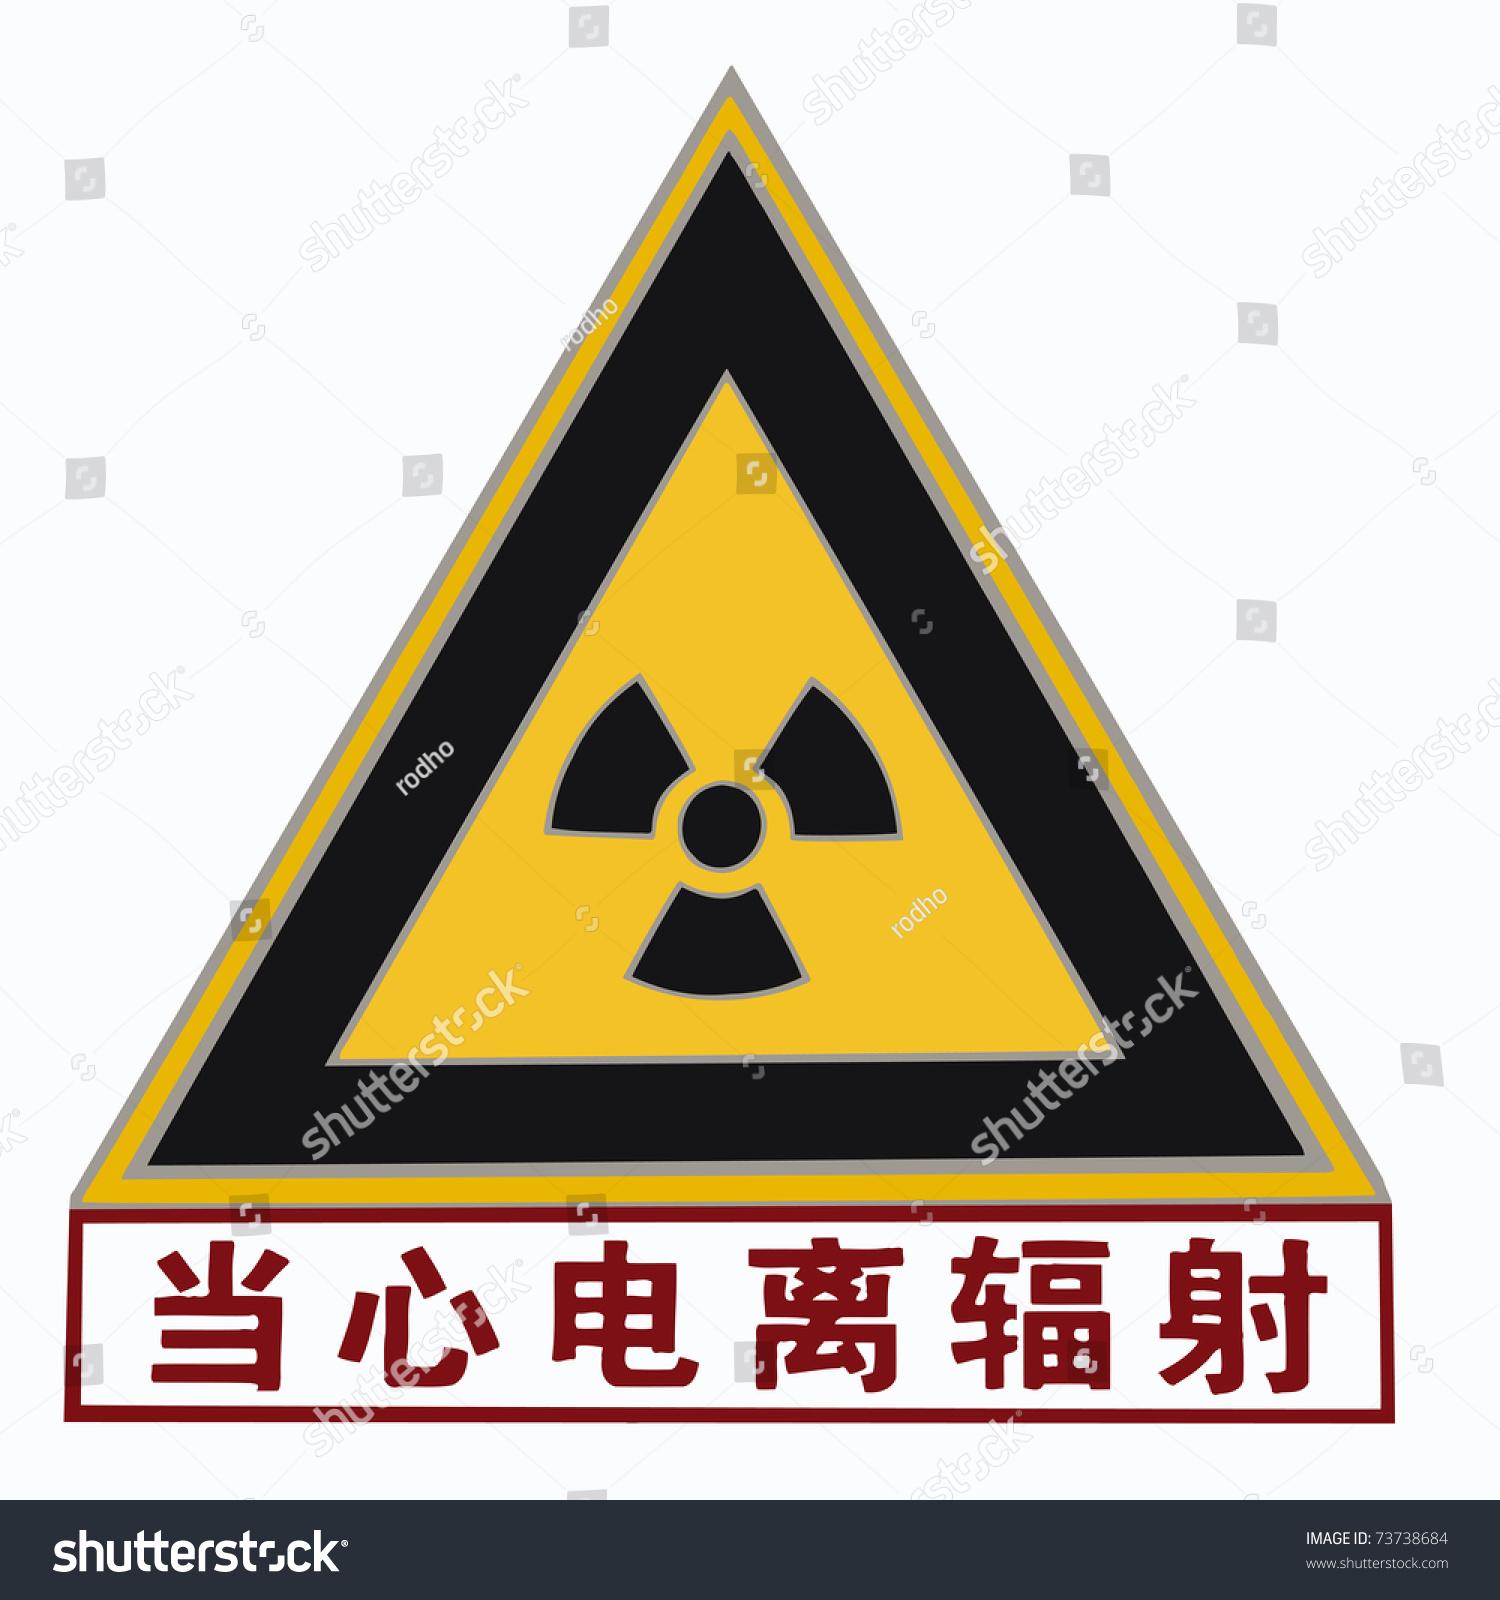 Triangular nuclear warning sign chinese word stock vector 73738684 triangular nuclear warning sign with chinese word caution ionizing radiation on white background buycottarizona Images